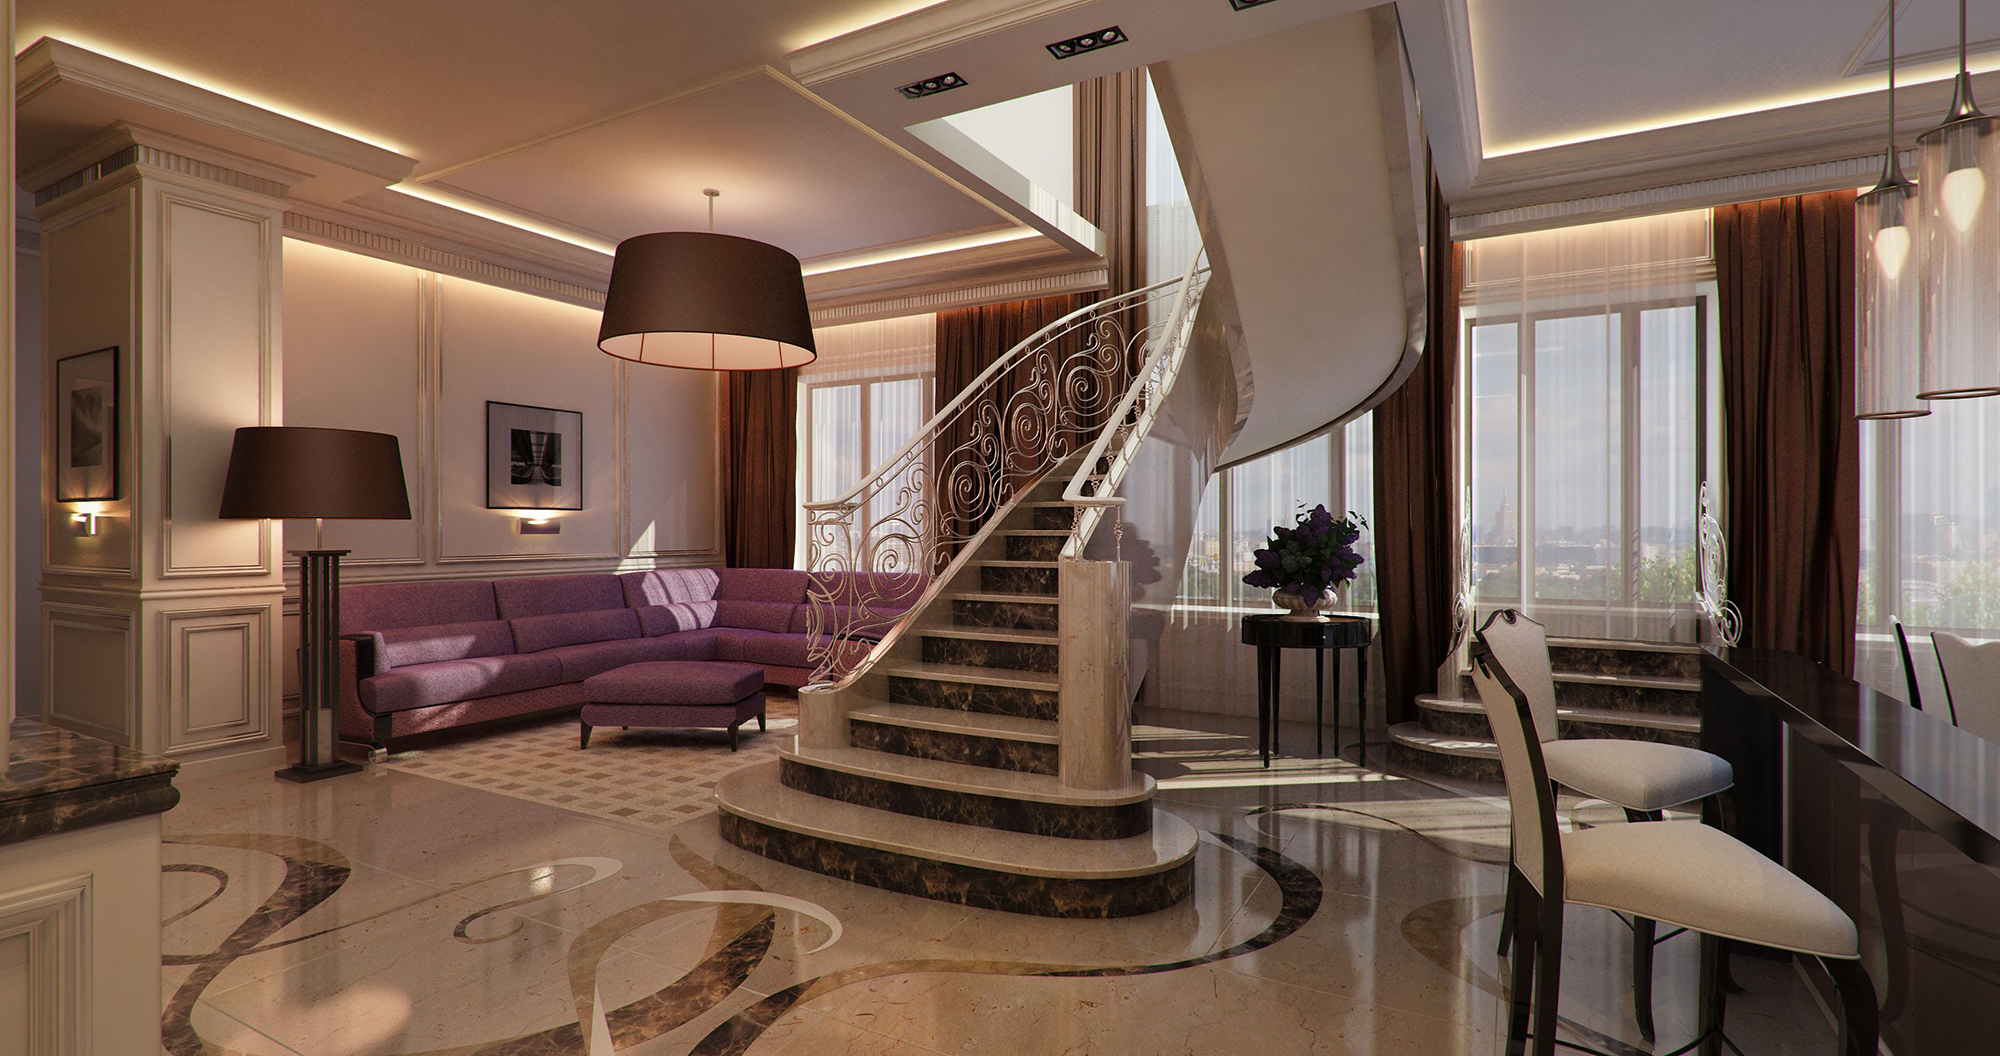 Как сделать второй этаж в квартире? - фото 1